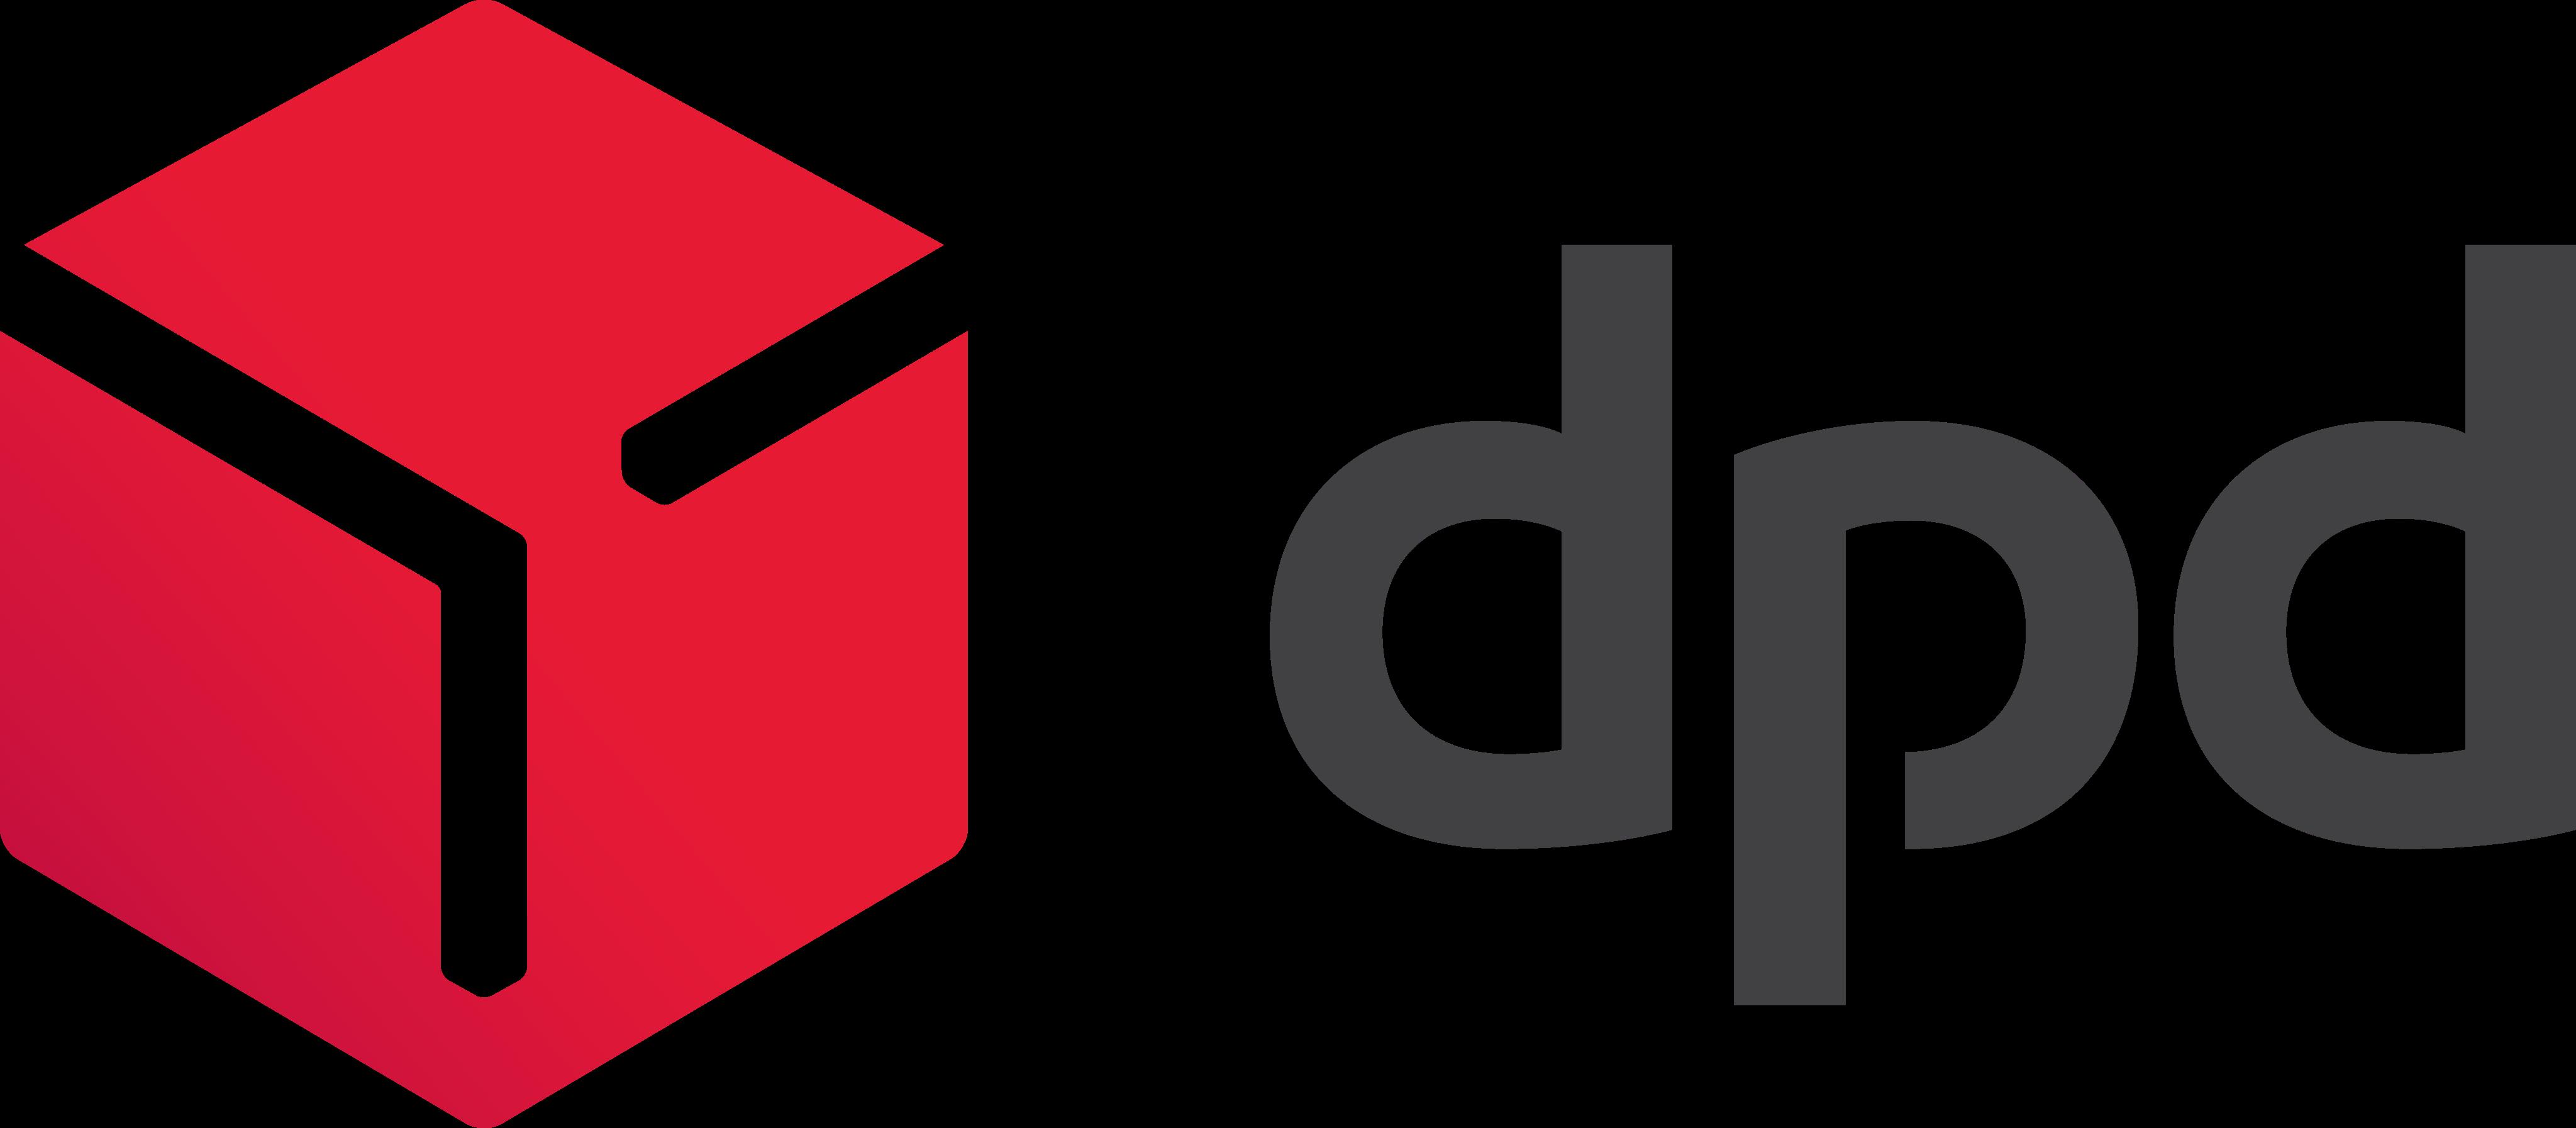 dpd logo - DPD Group Logo